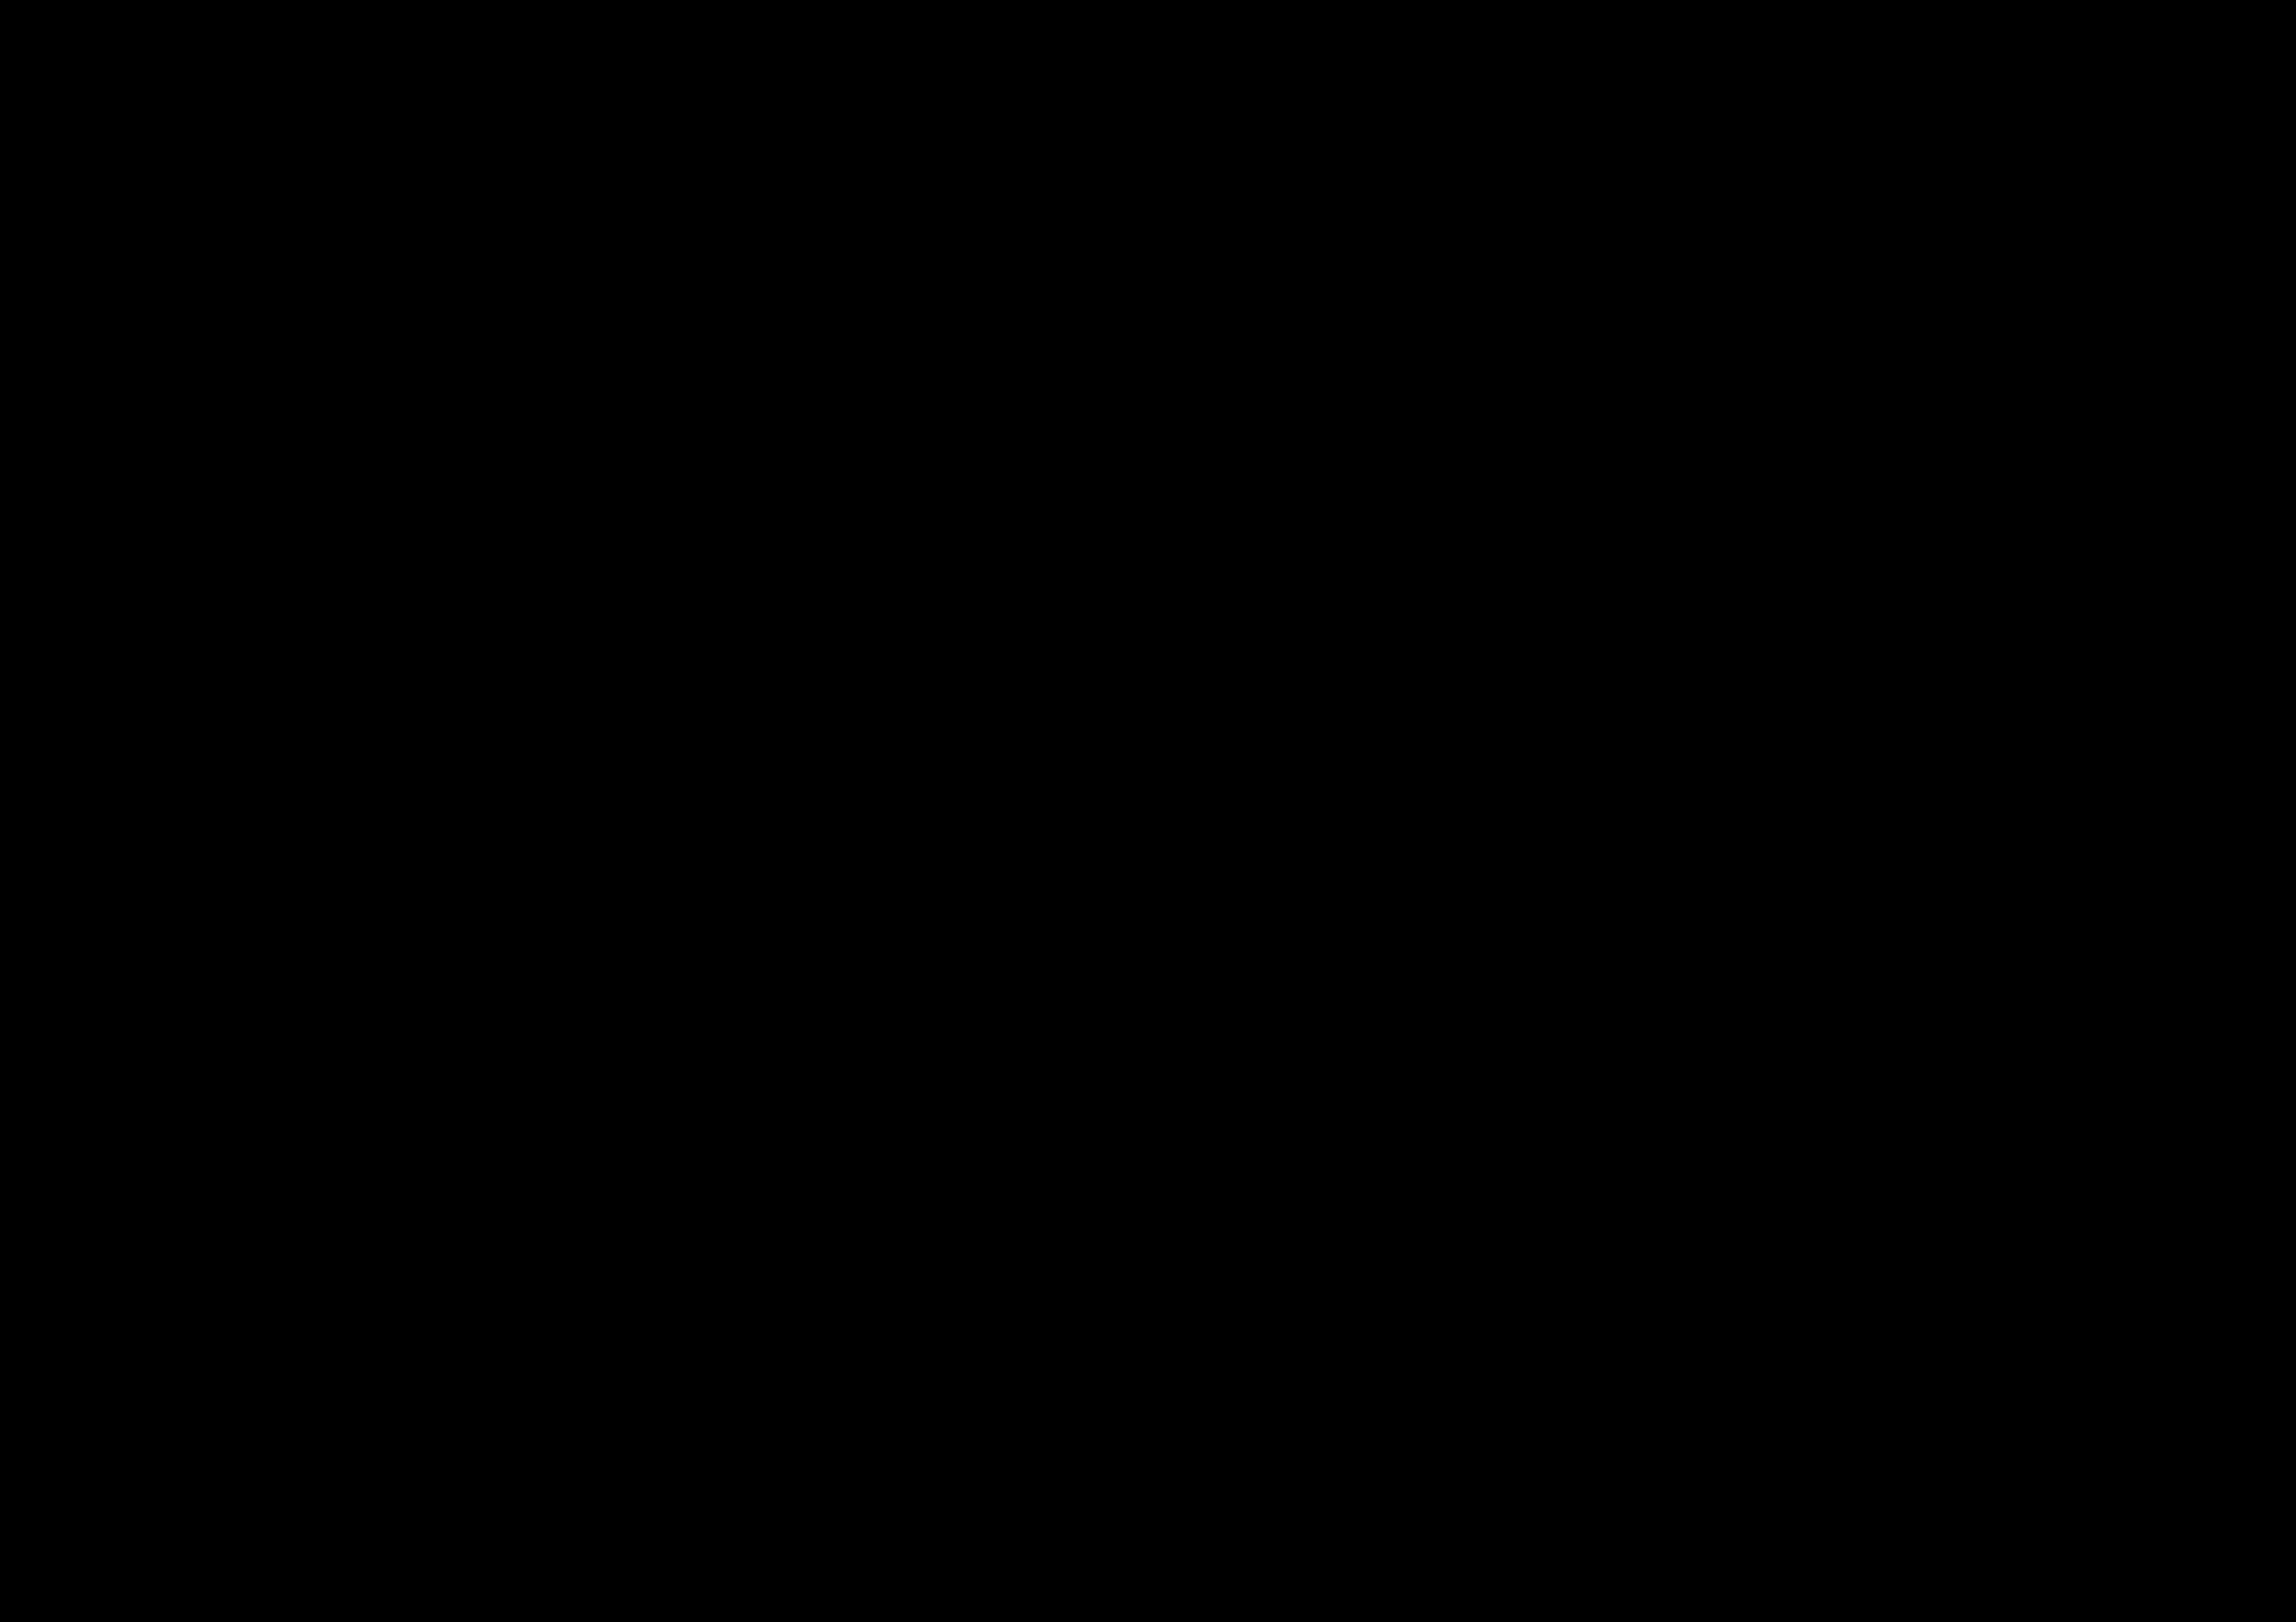 [社團補助計畫成果發表]國立臺北藝術大學藝術服務隊-2017都蘭暑期藝術夏令營-迷路的石米星人-成果發表-2017都蘭暑假計畫